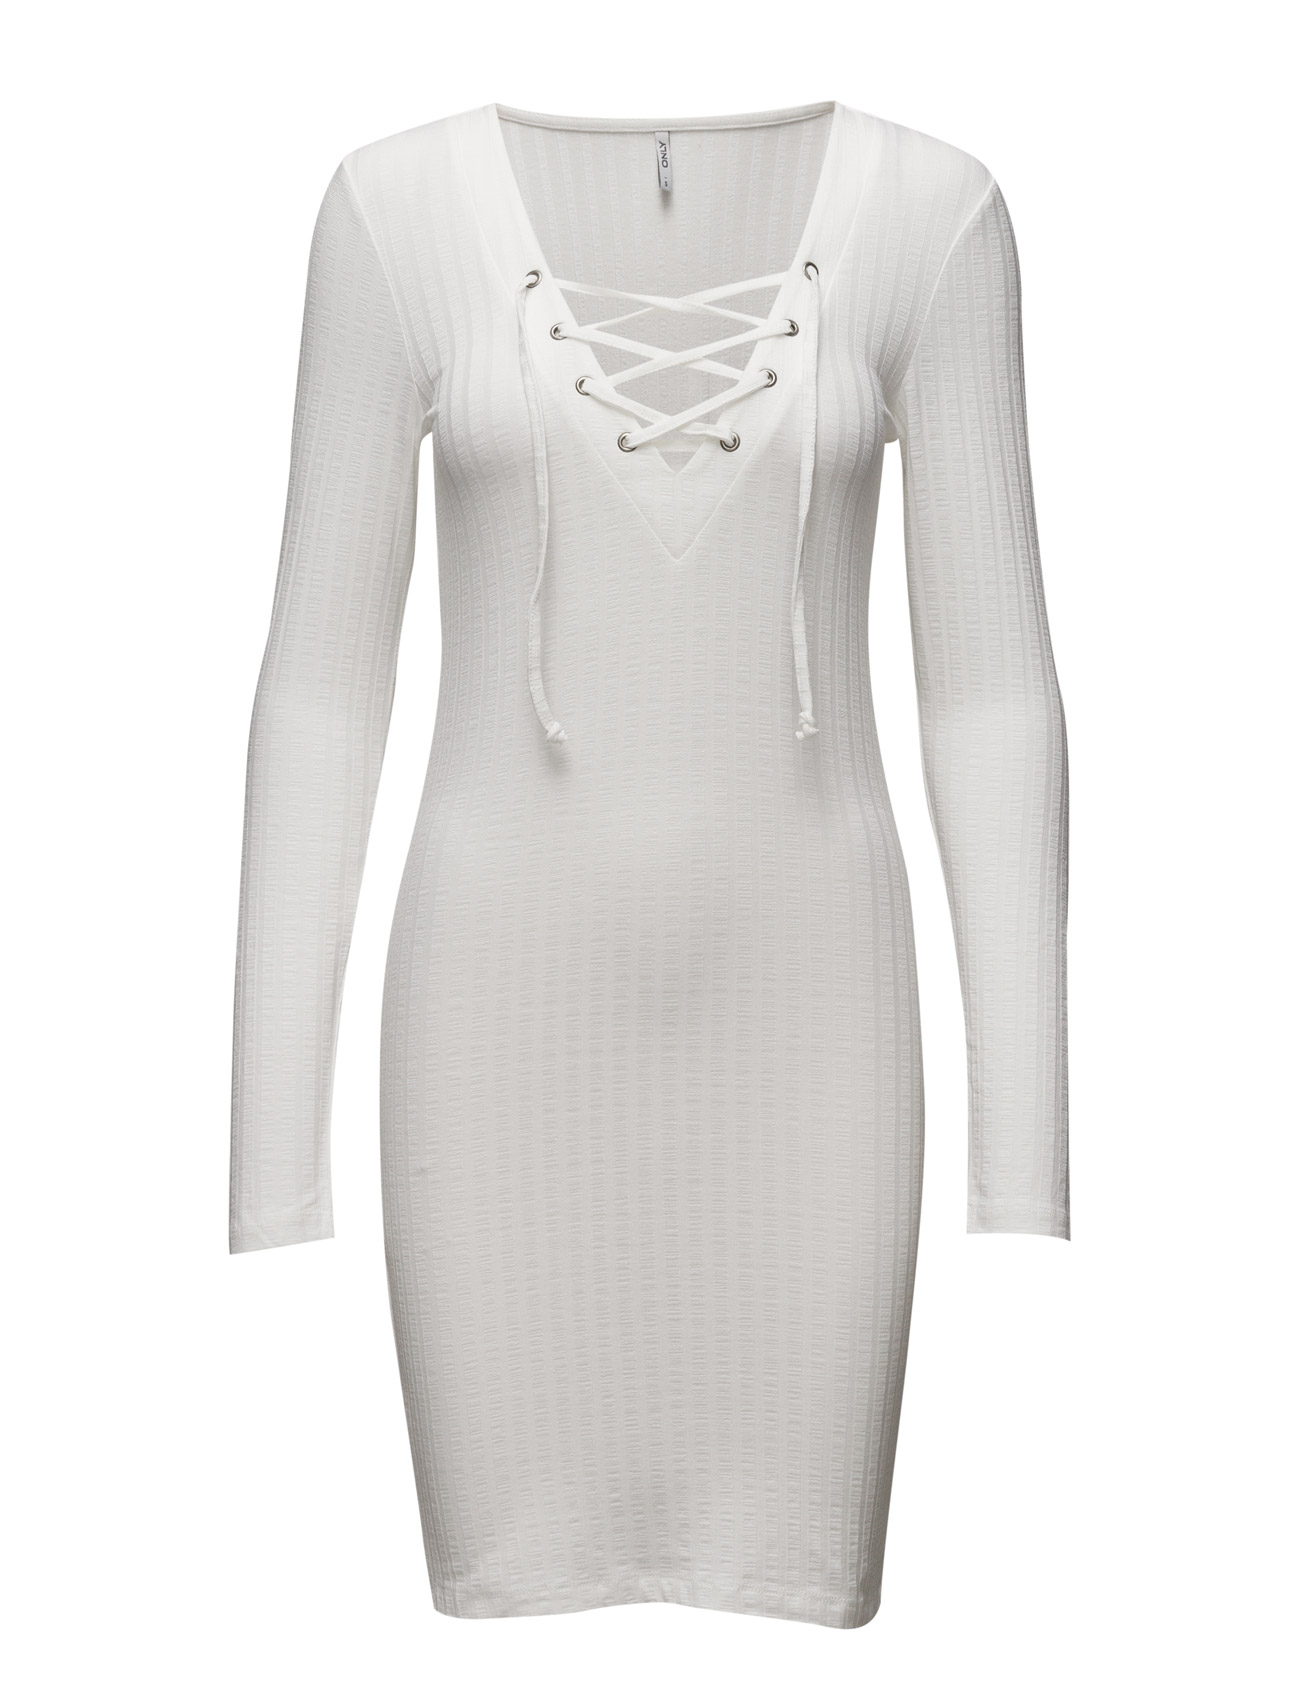 Onlrikki L/S Lace Up Dress Jrs ONLY Korte kjoler til Kvinder i Cloud Dancer